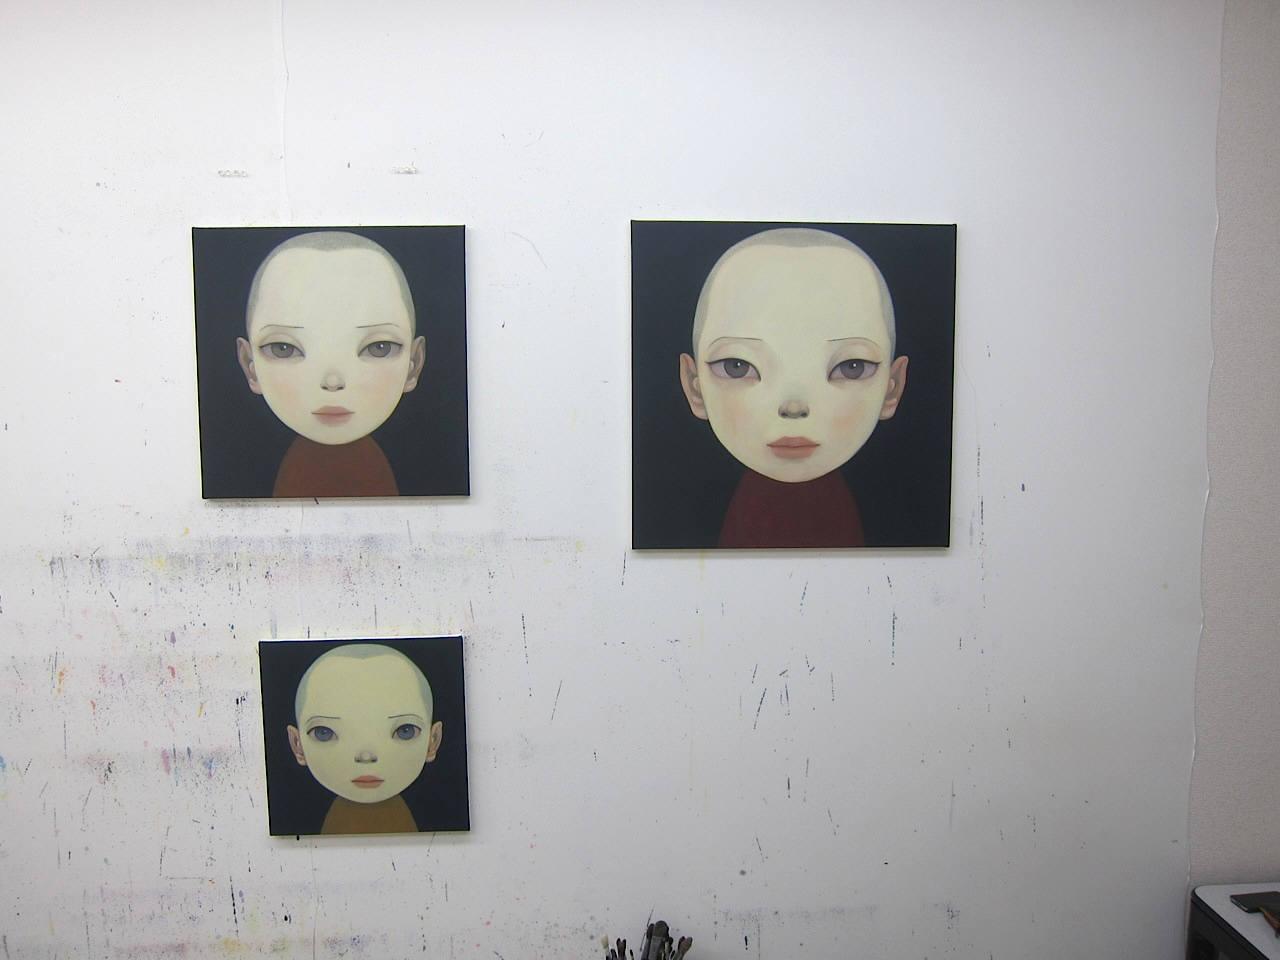 Hideaki_Kawashima_Studio_view_heads_2014_2317_412